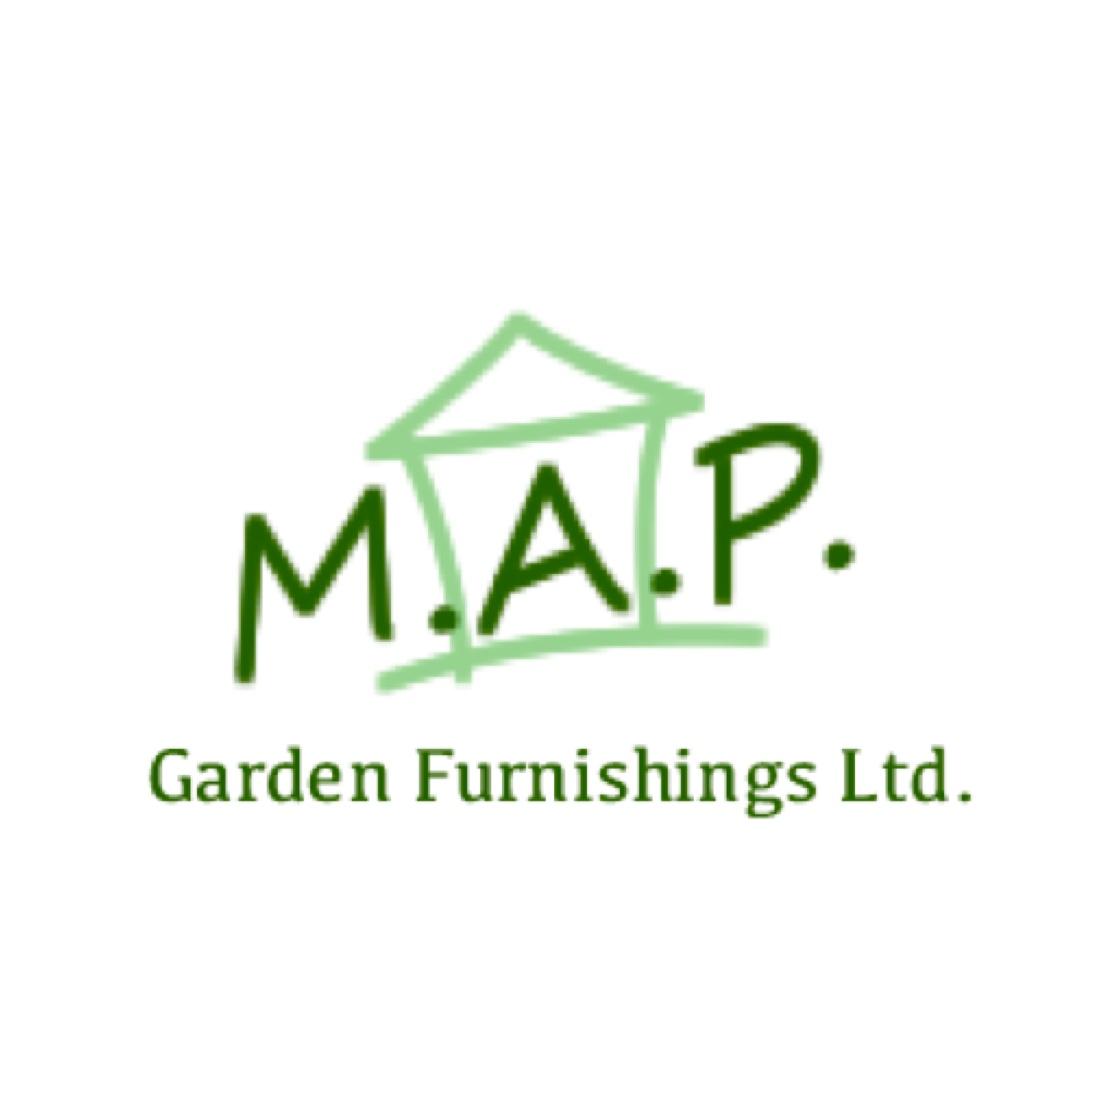 Kingston 20 x 16ft Dual Aluminium Curved Carport